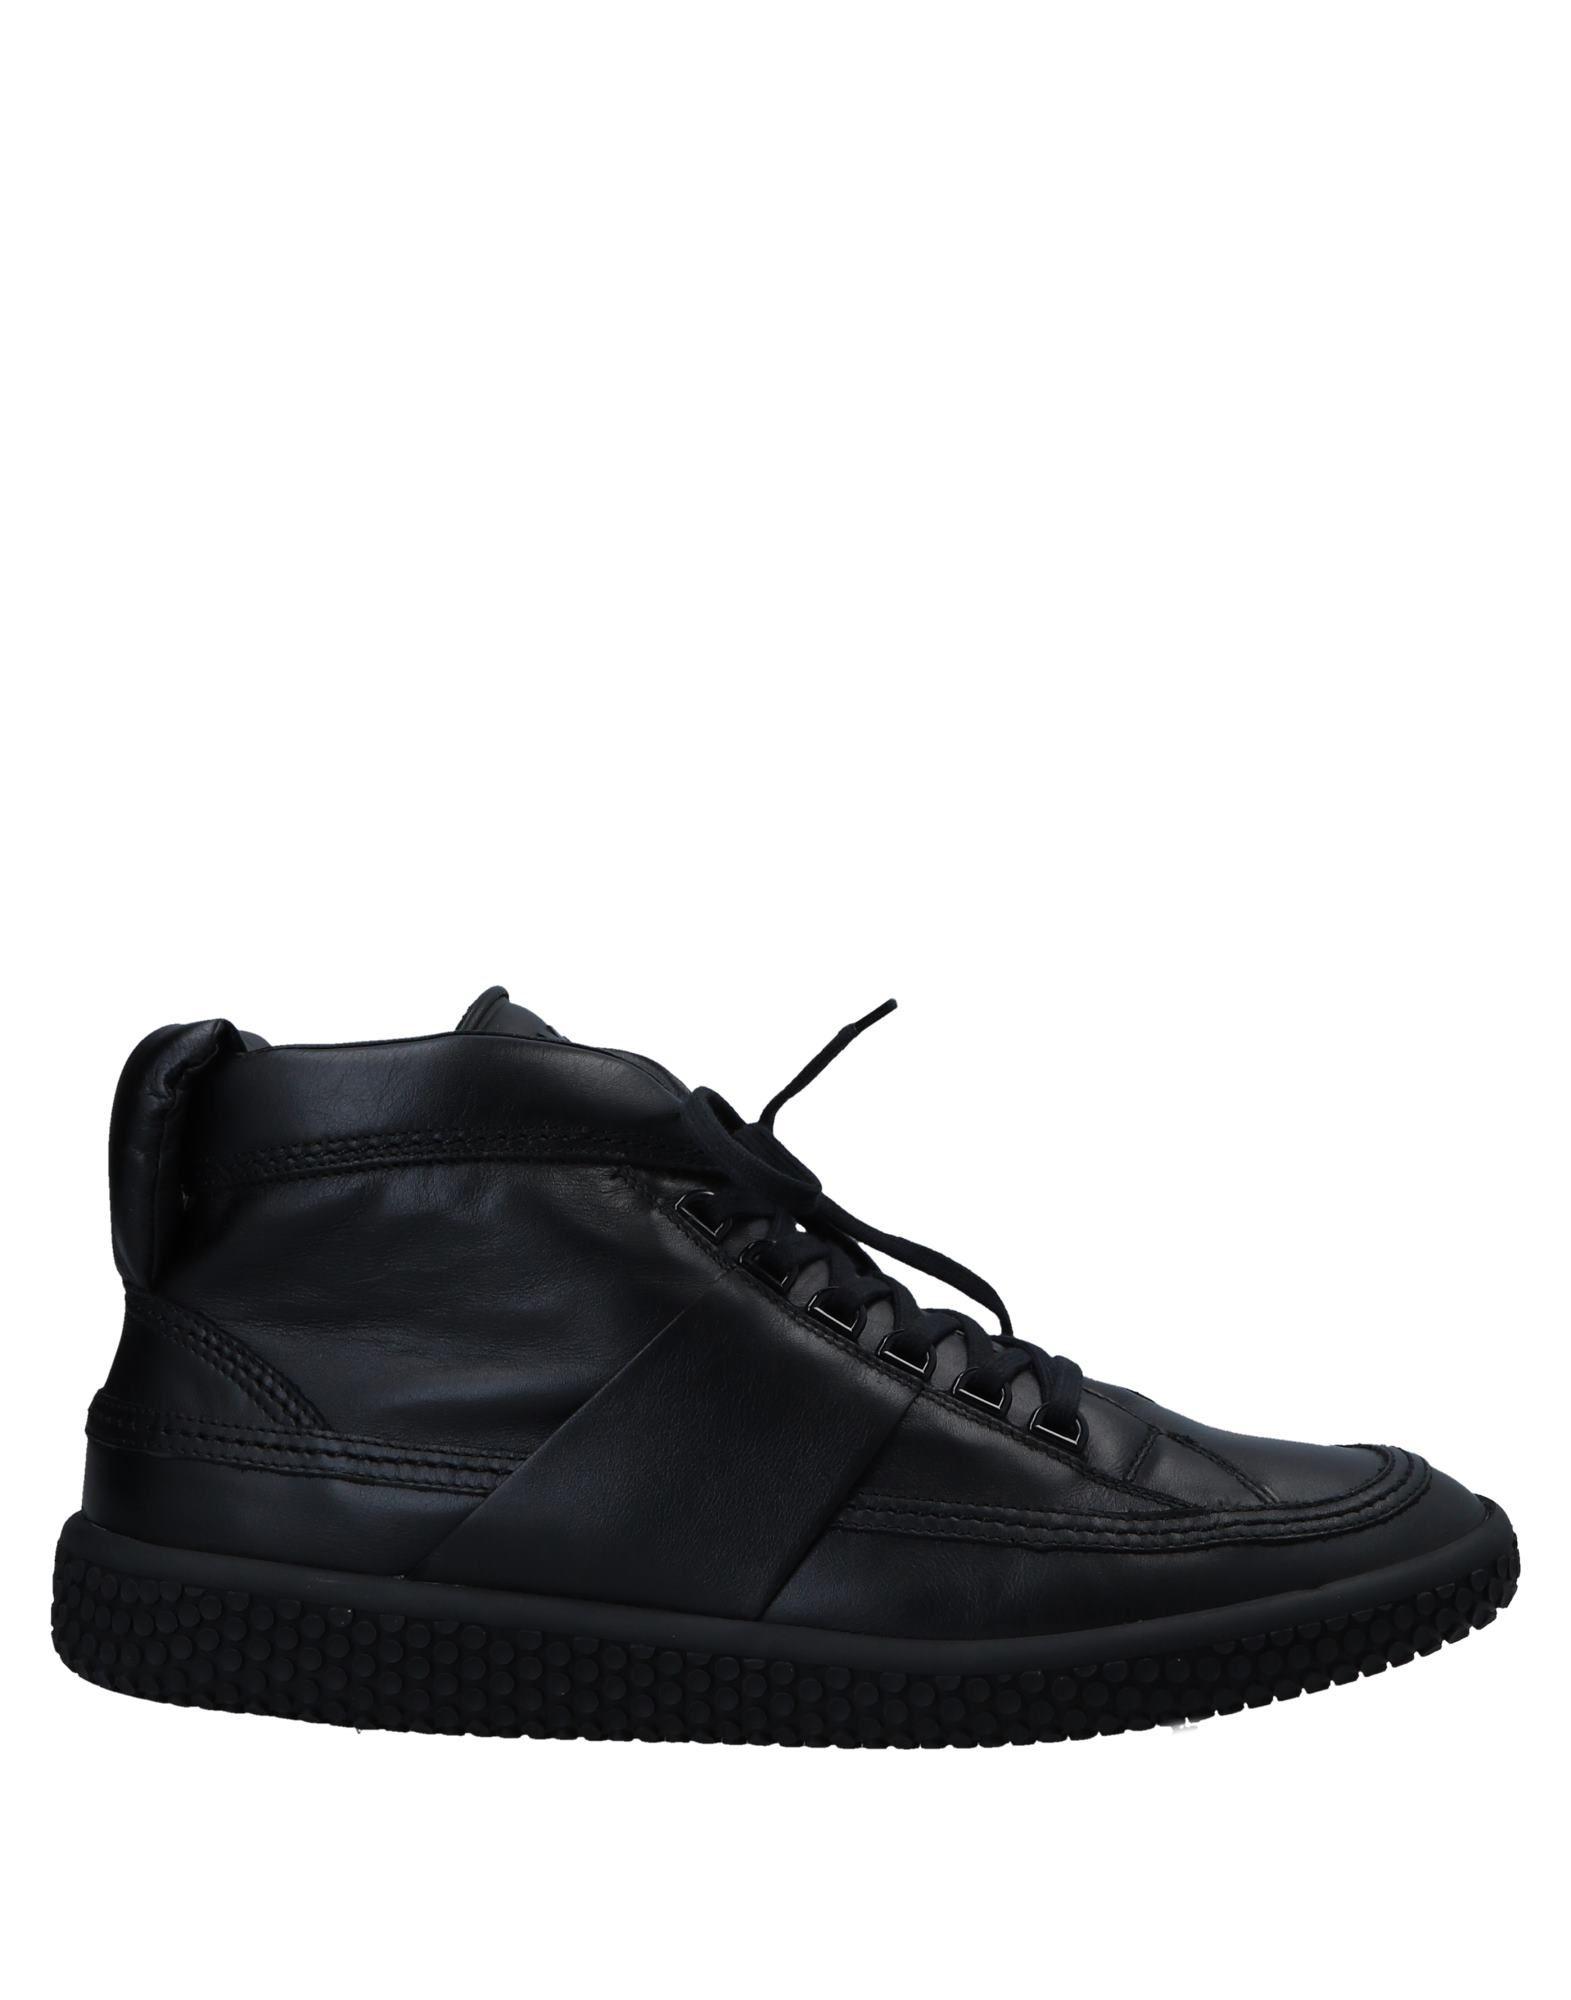 Sneakers O.X.S. Uomo - 11552366KO Scarpe economiche e buone